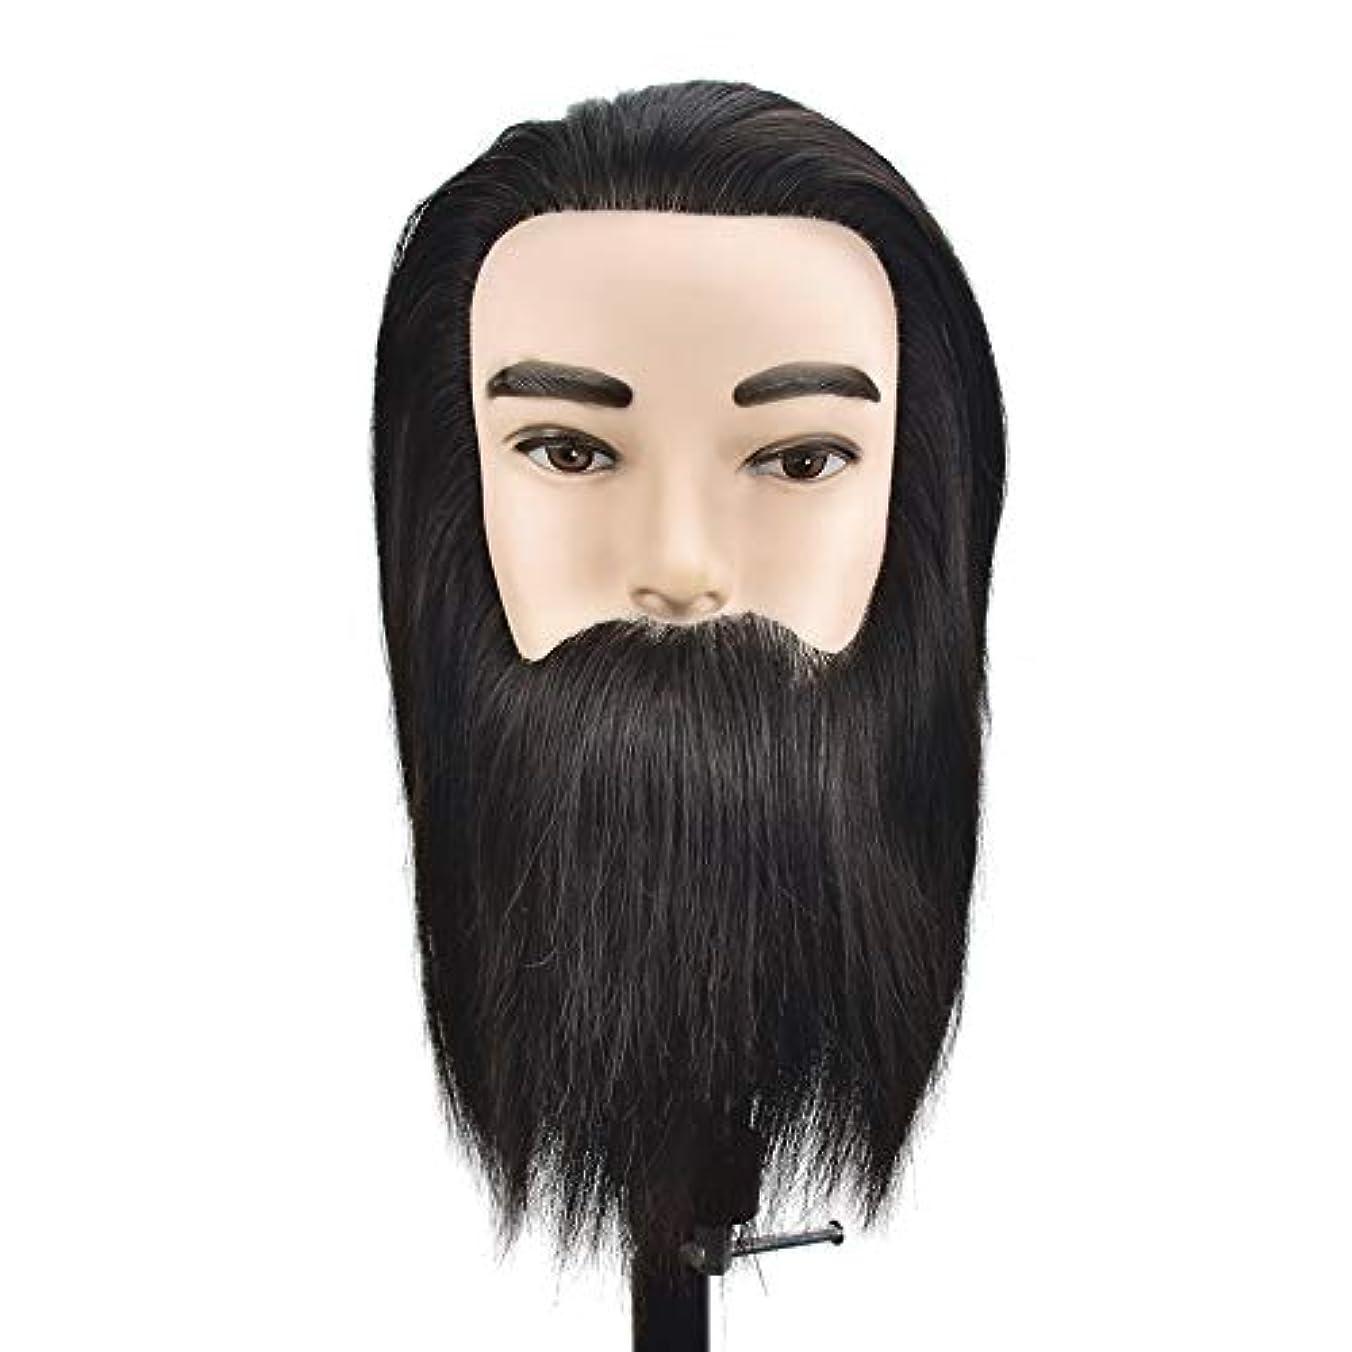 バングフレアハンマーリアル人間の髪トレーニングヘッドパーマ髪モデル髪染め理髪ダミーヘッドトリミングひげ学習ヘッドモデル